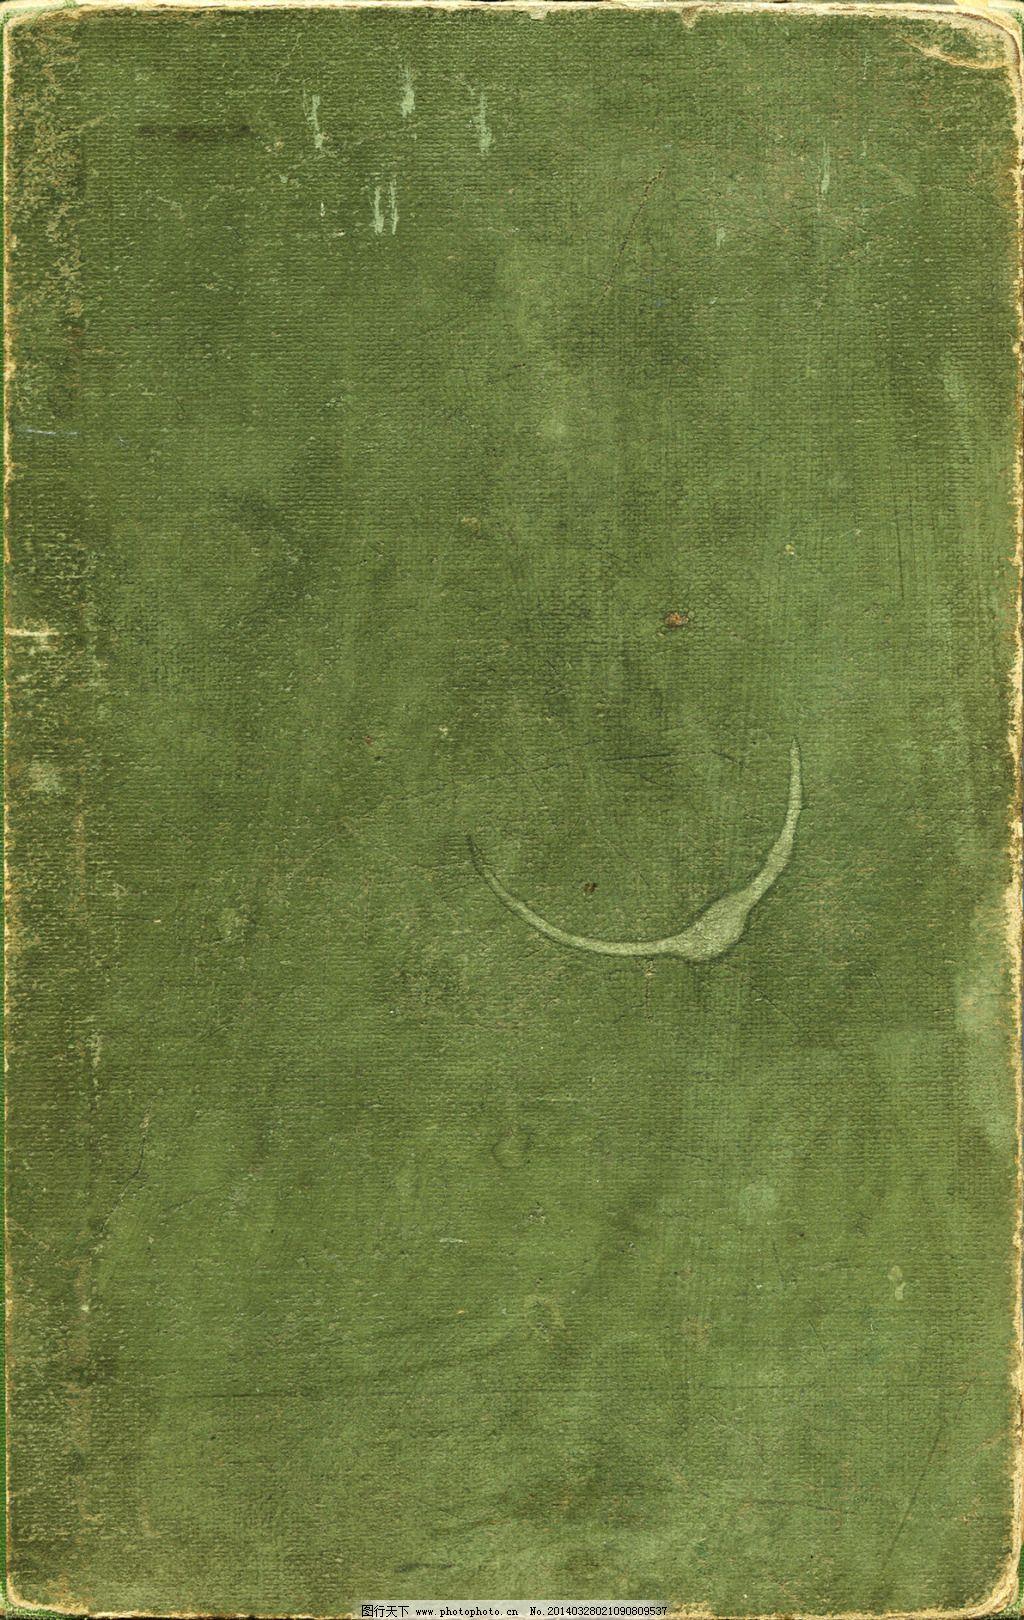 背景 古书封面 磨砂 ps设计底纹素材